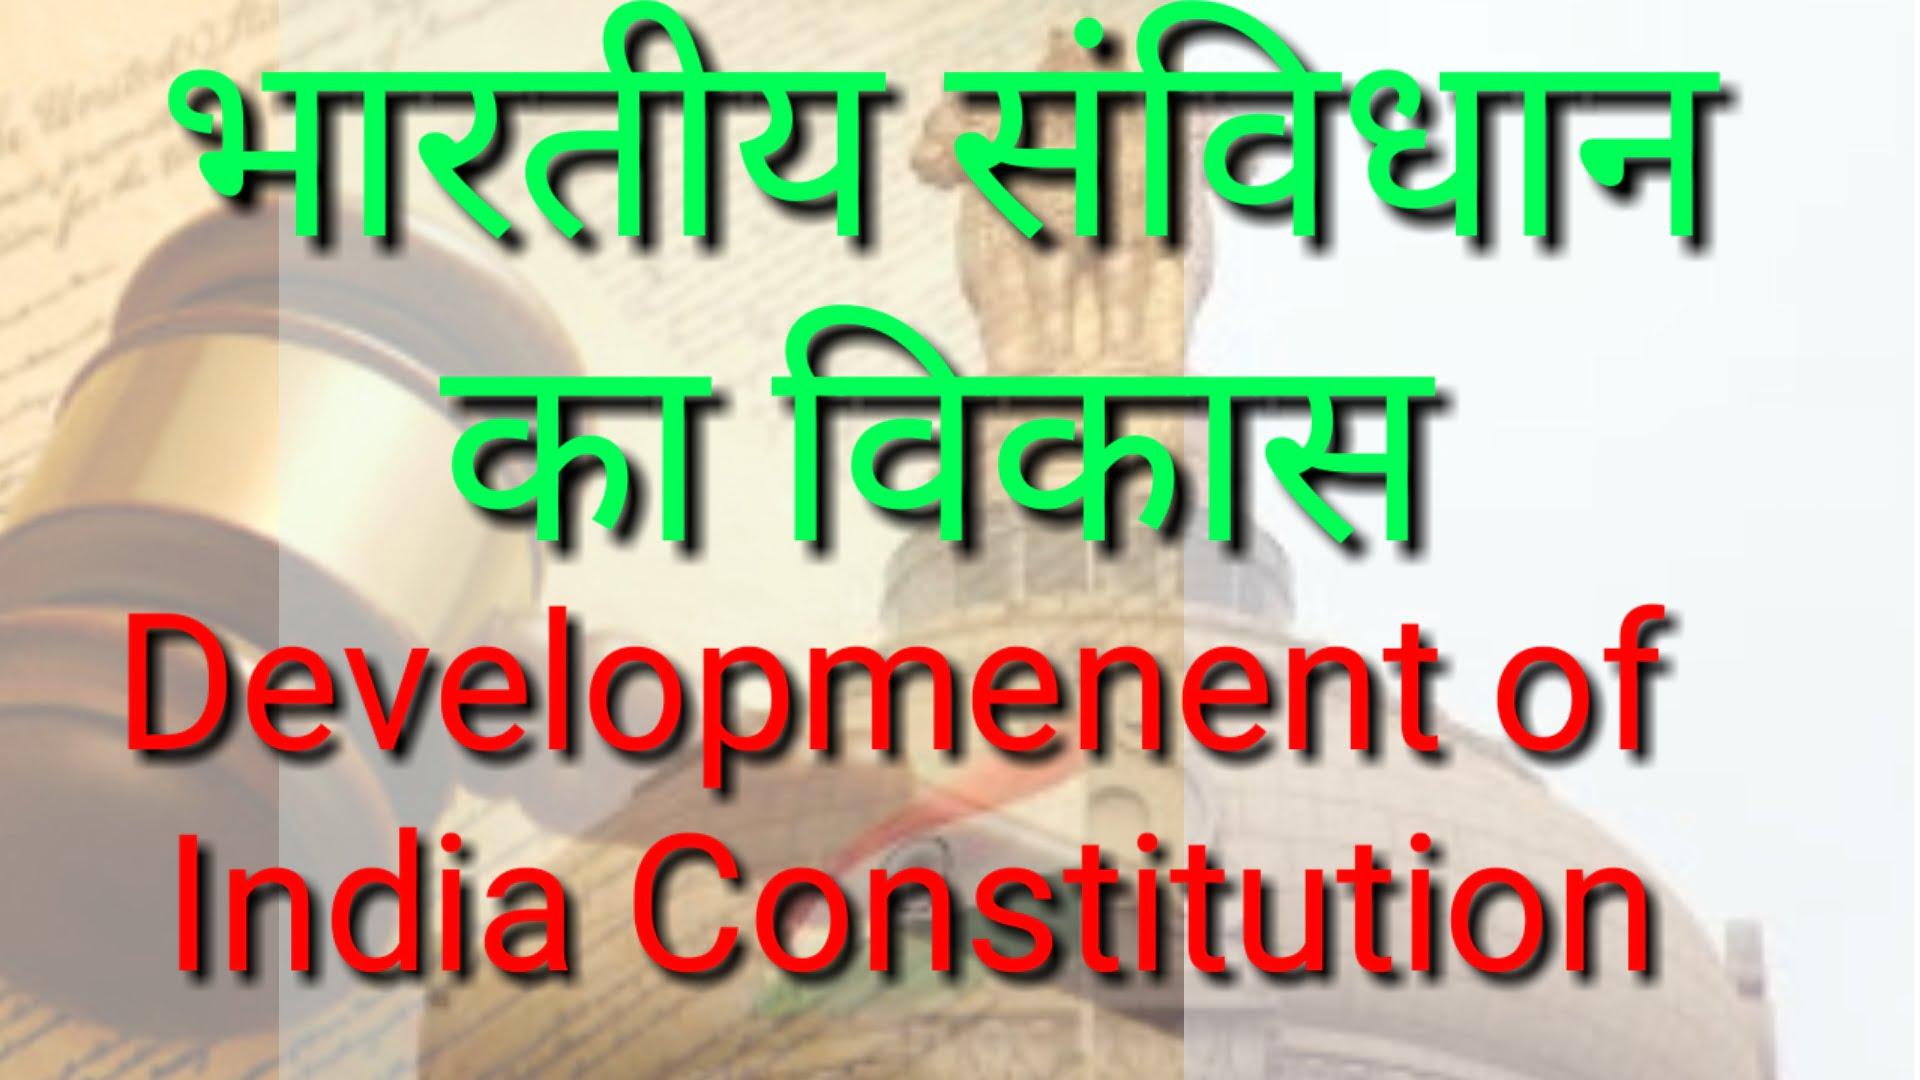 भारतीय संविधान का विकास